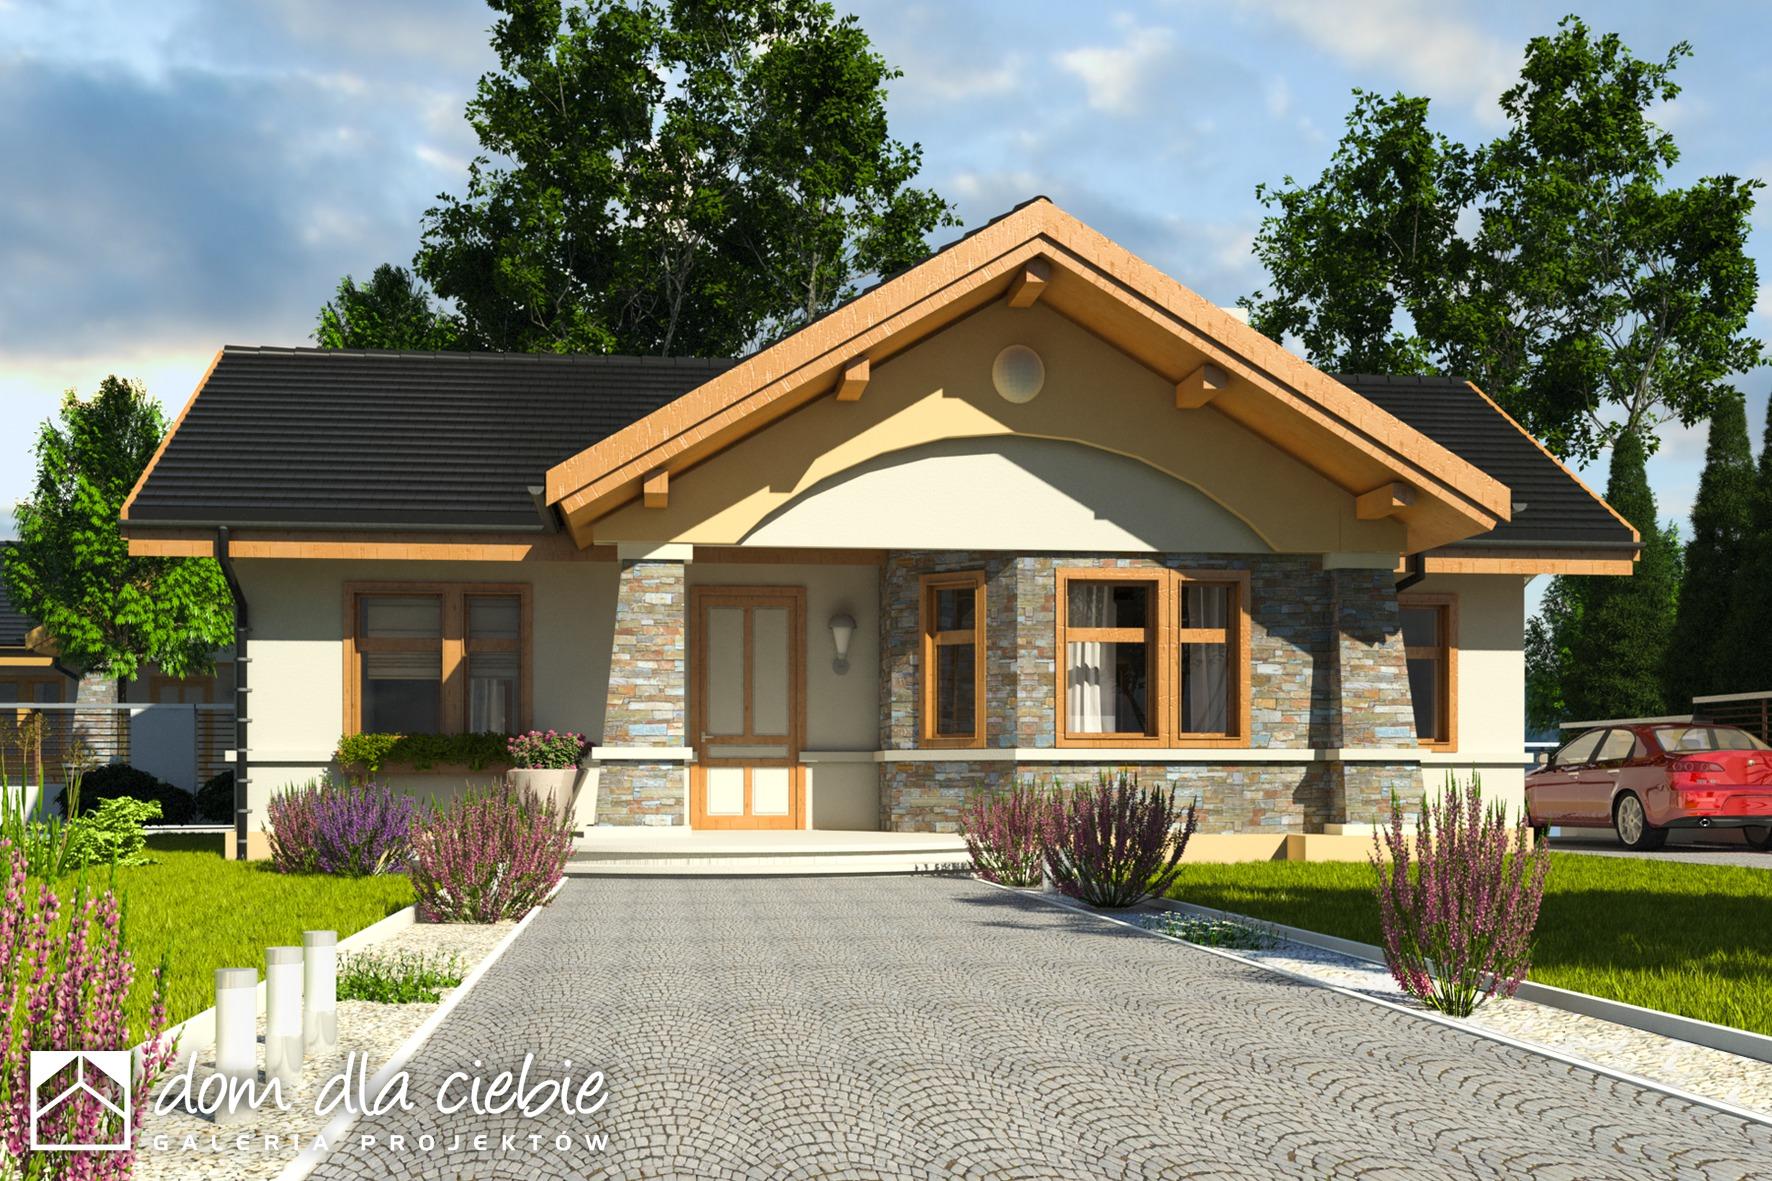 Projekt Domu Skowronek Bez Garażu Wariant B Dom Dla Ciebie